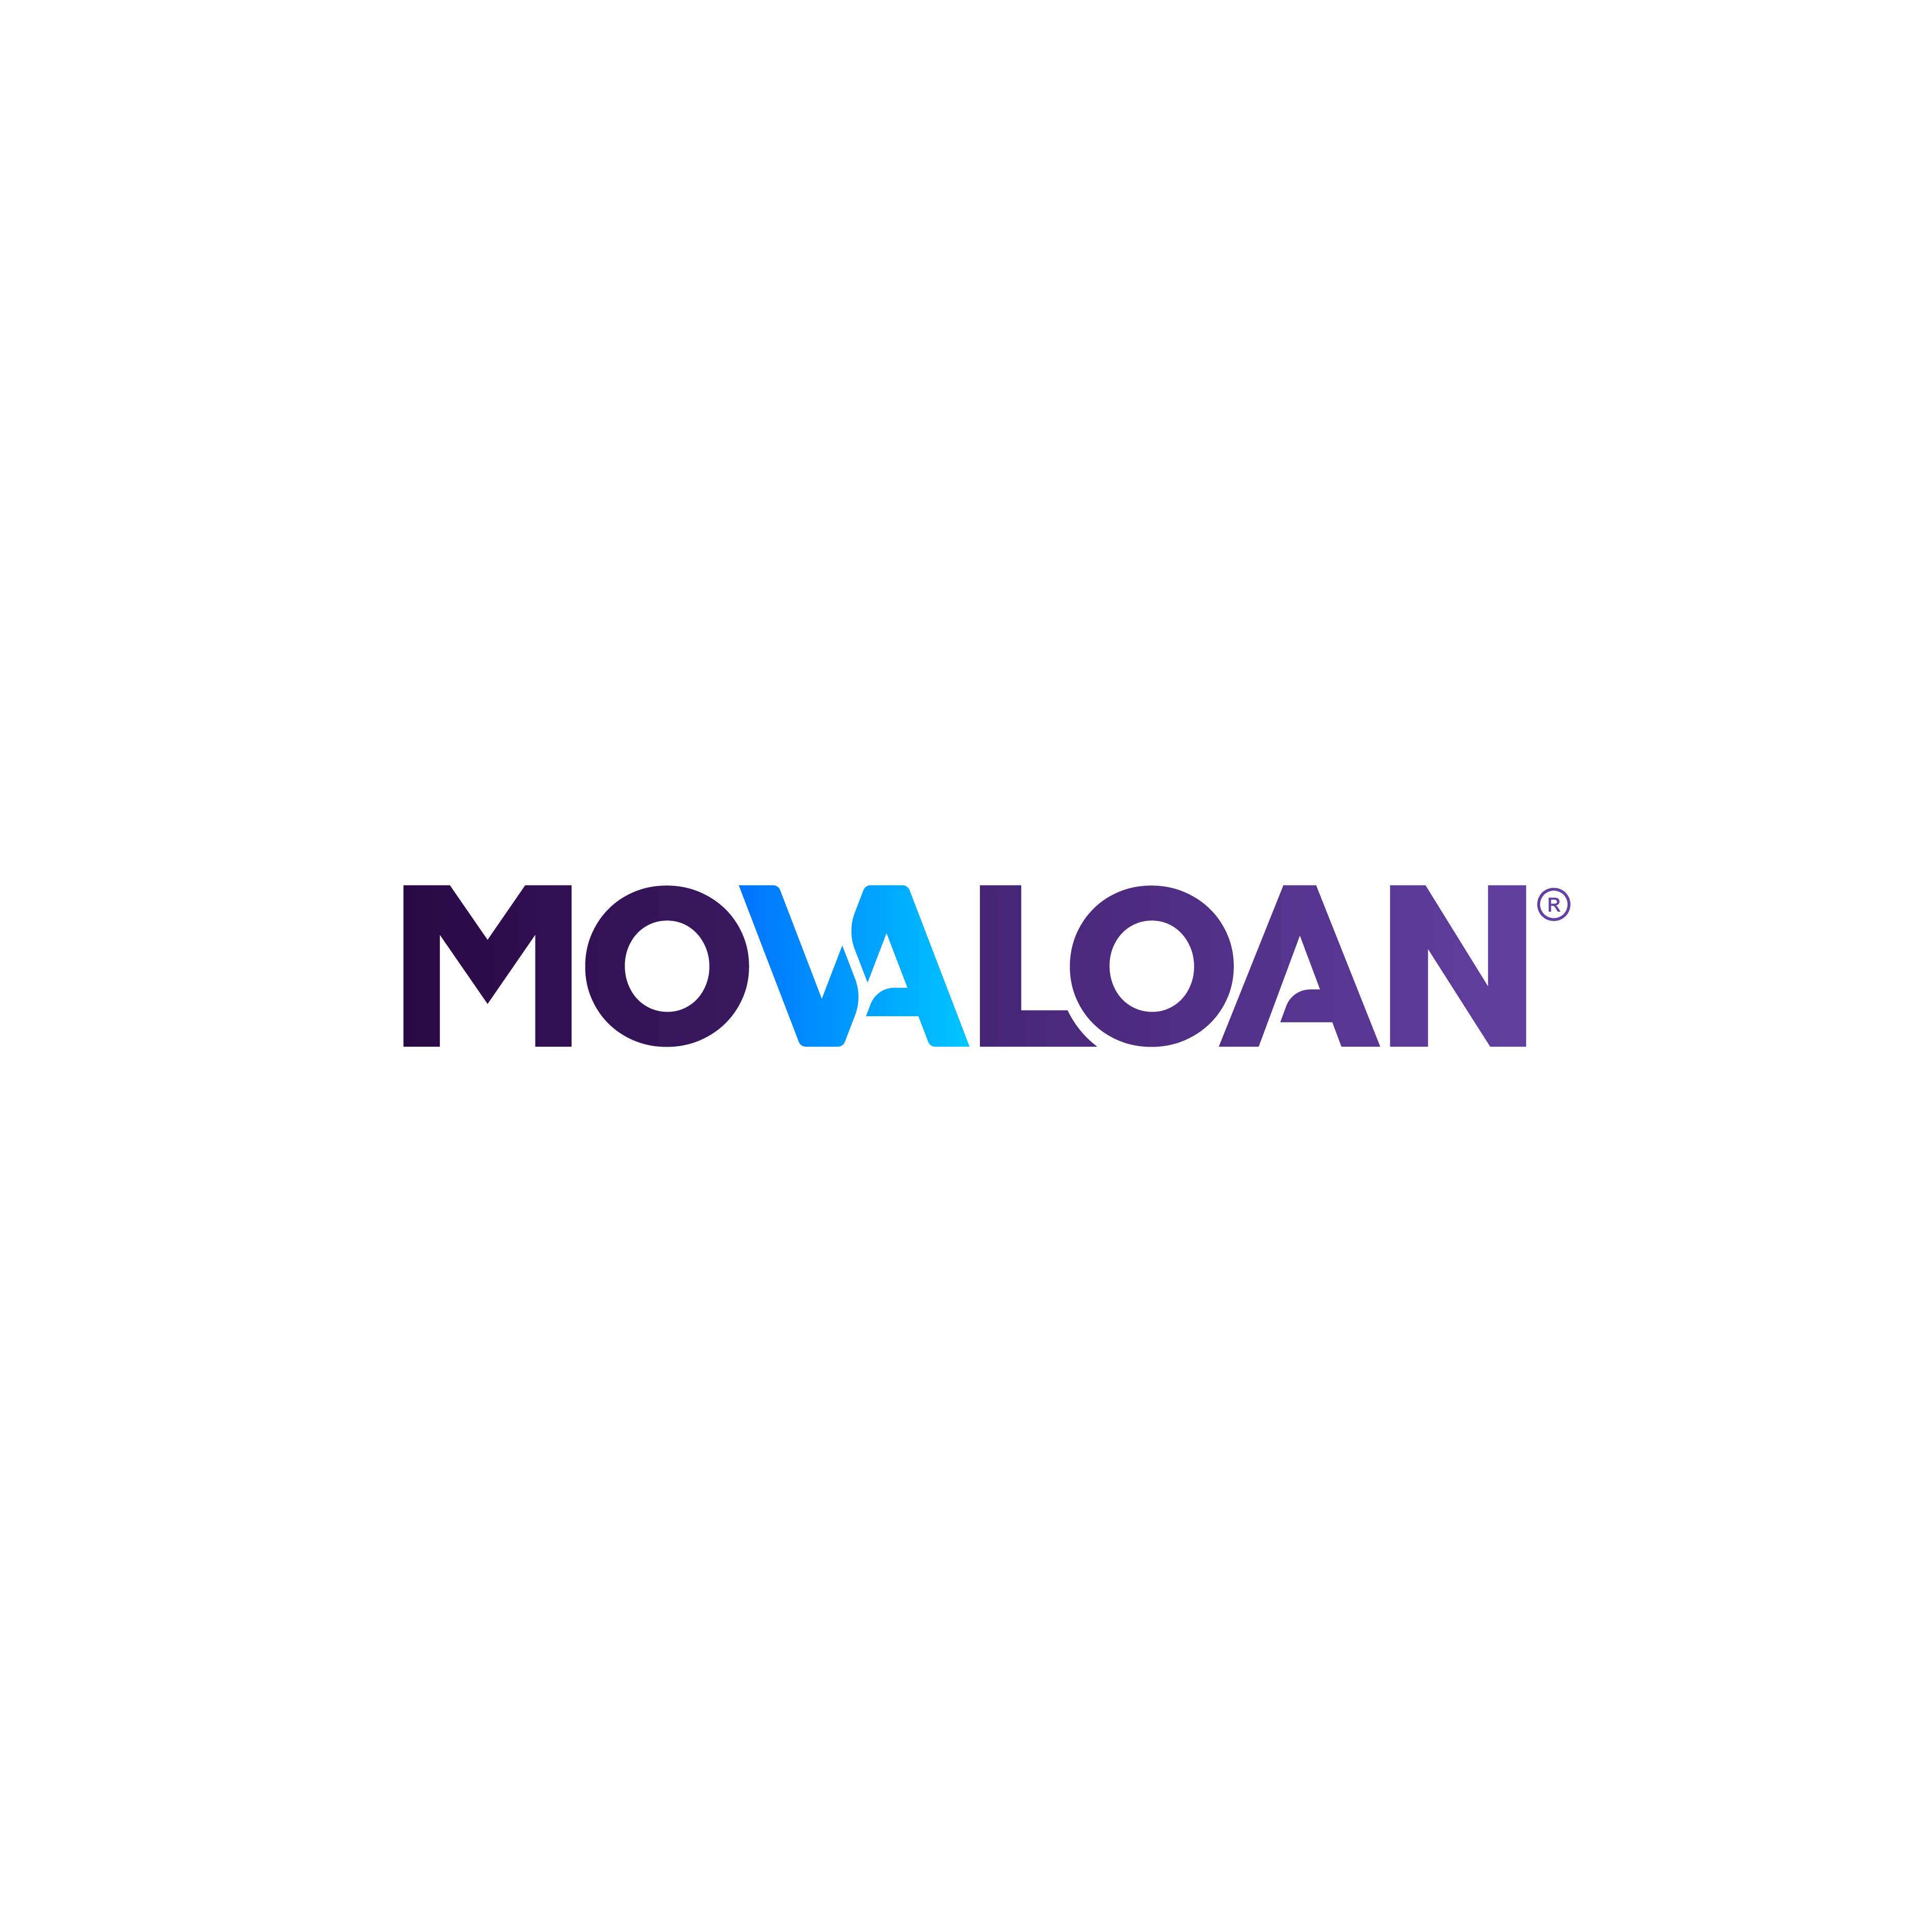 Movaloan logo design by logo designer Nijaz Muratovic